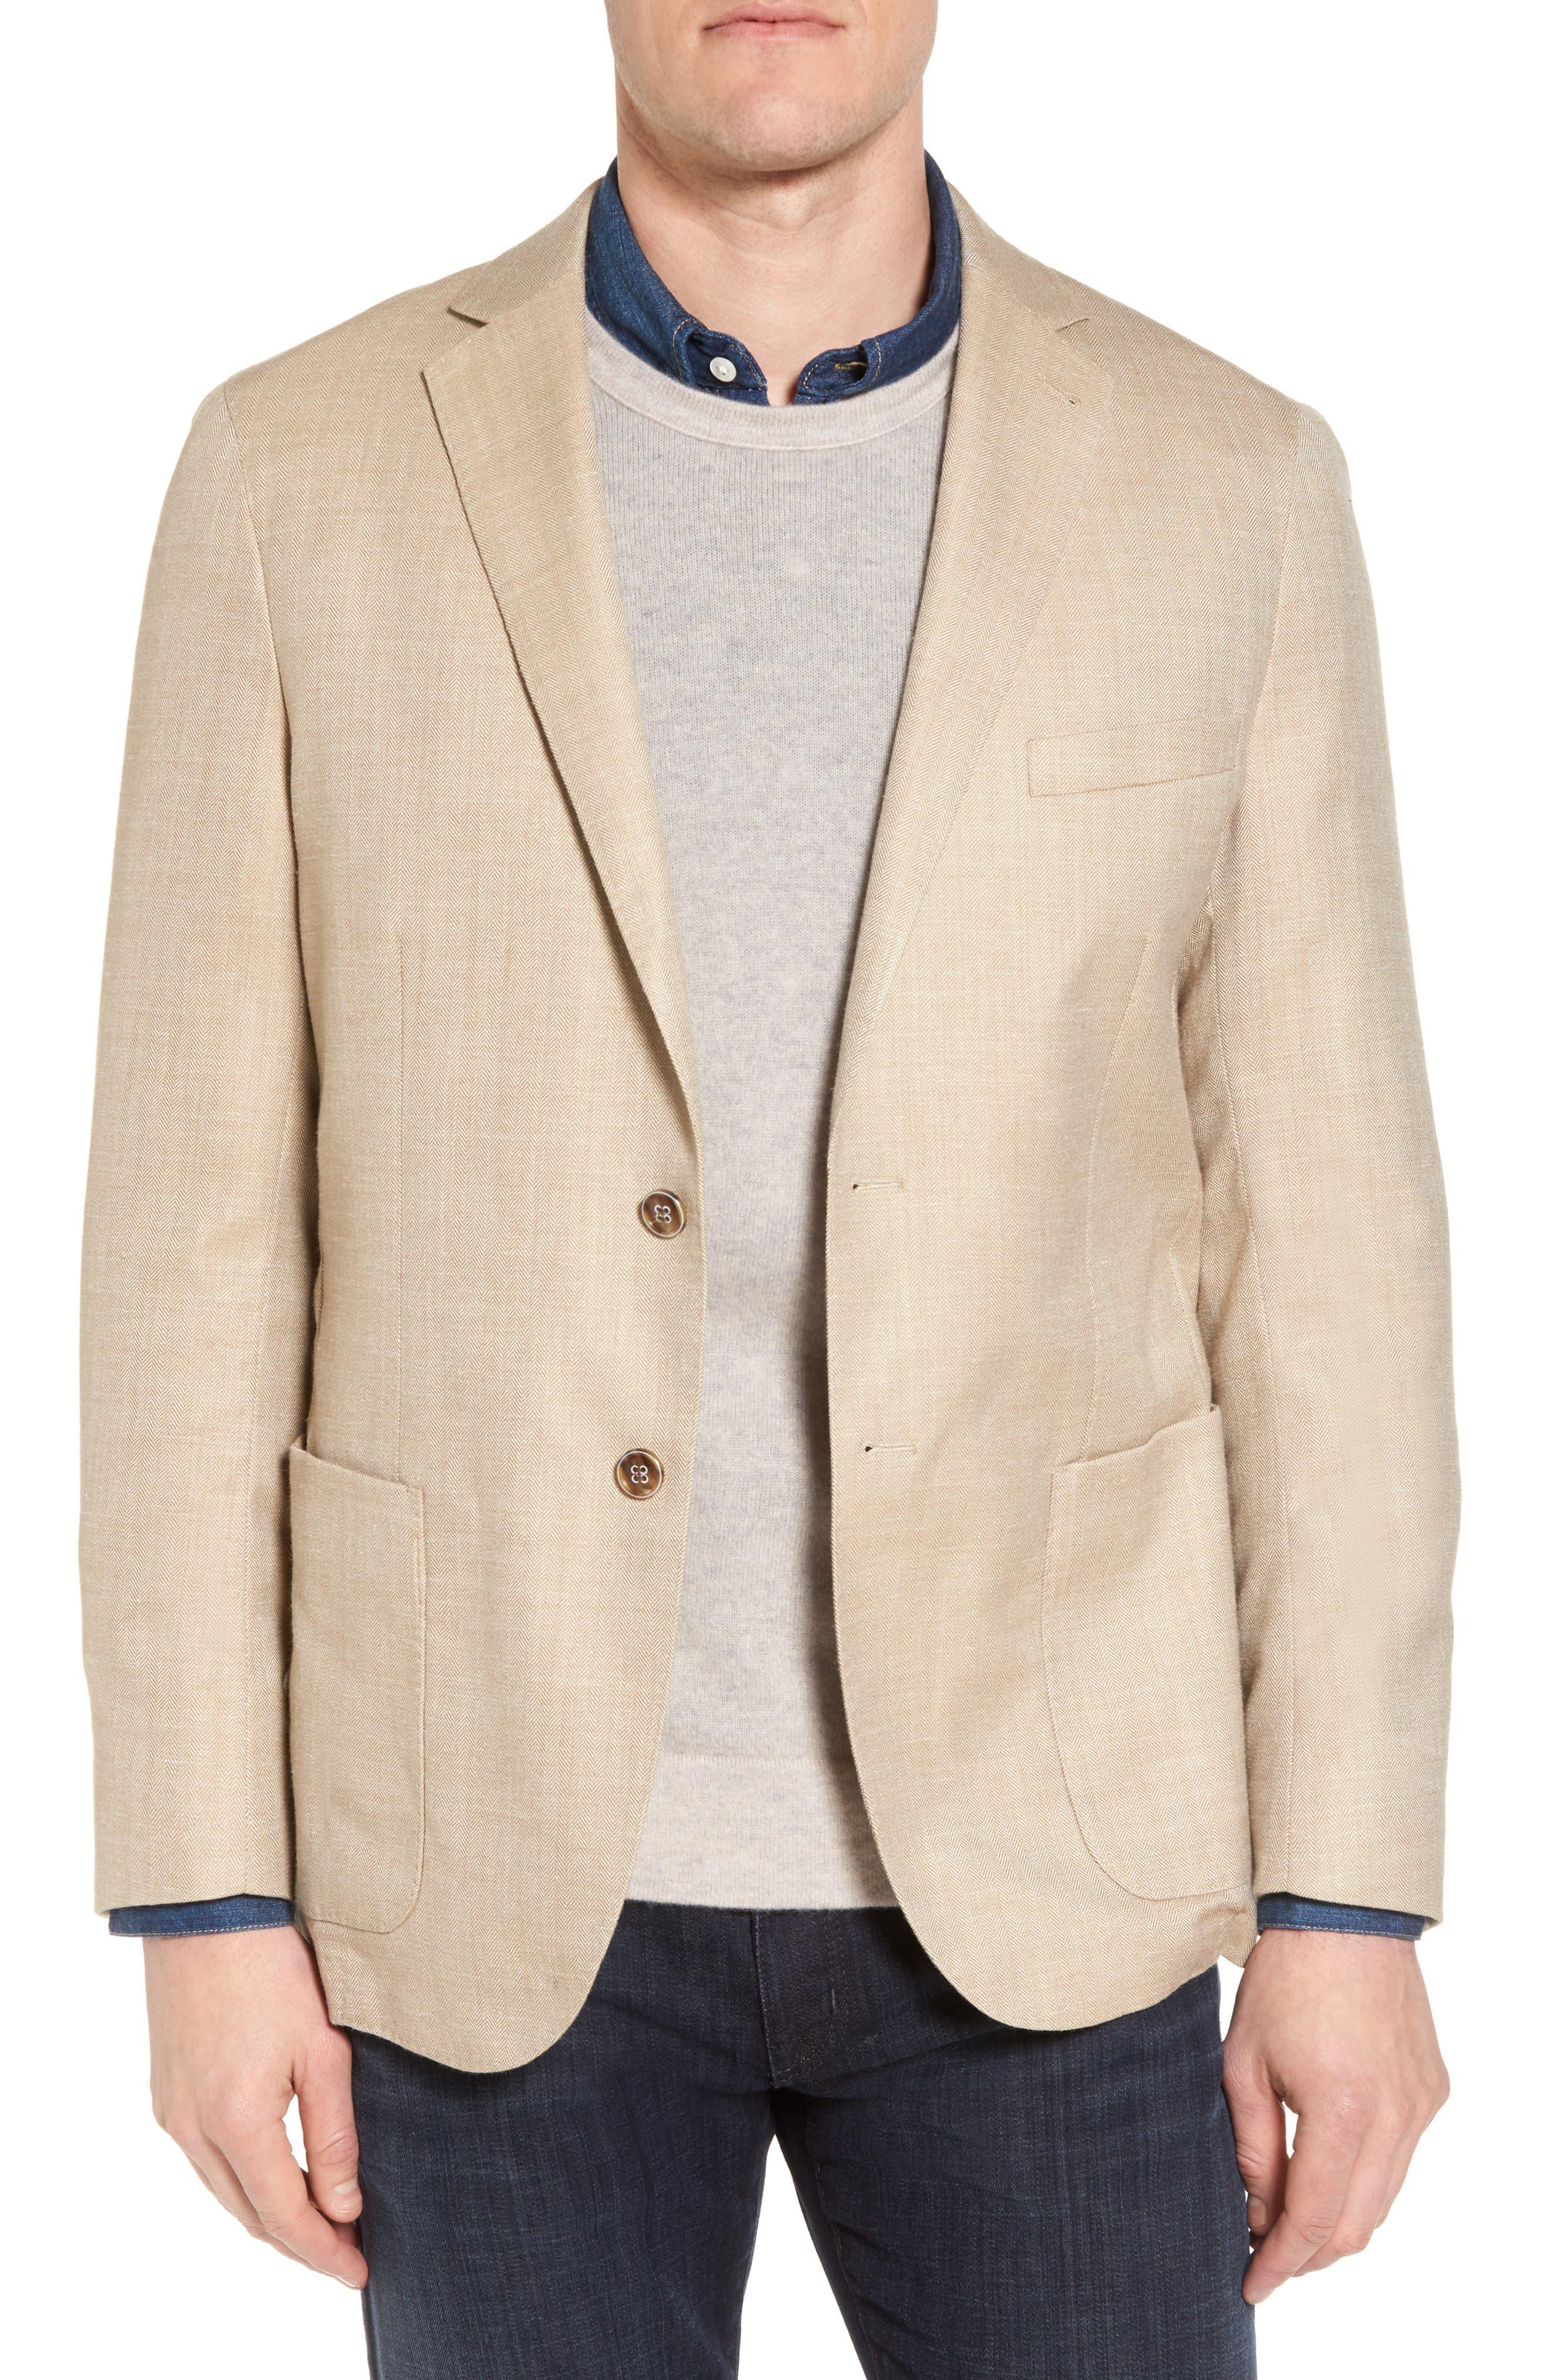 Crown Herringbone Wool & Silk Blend Jacket,                         Main,                         color, Stone